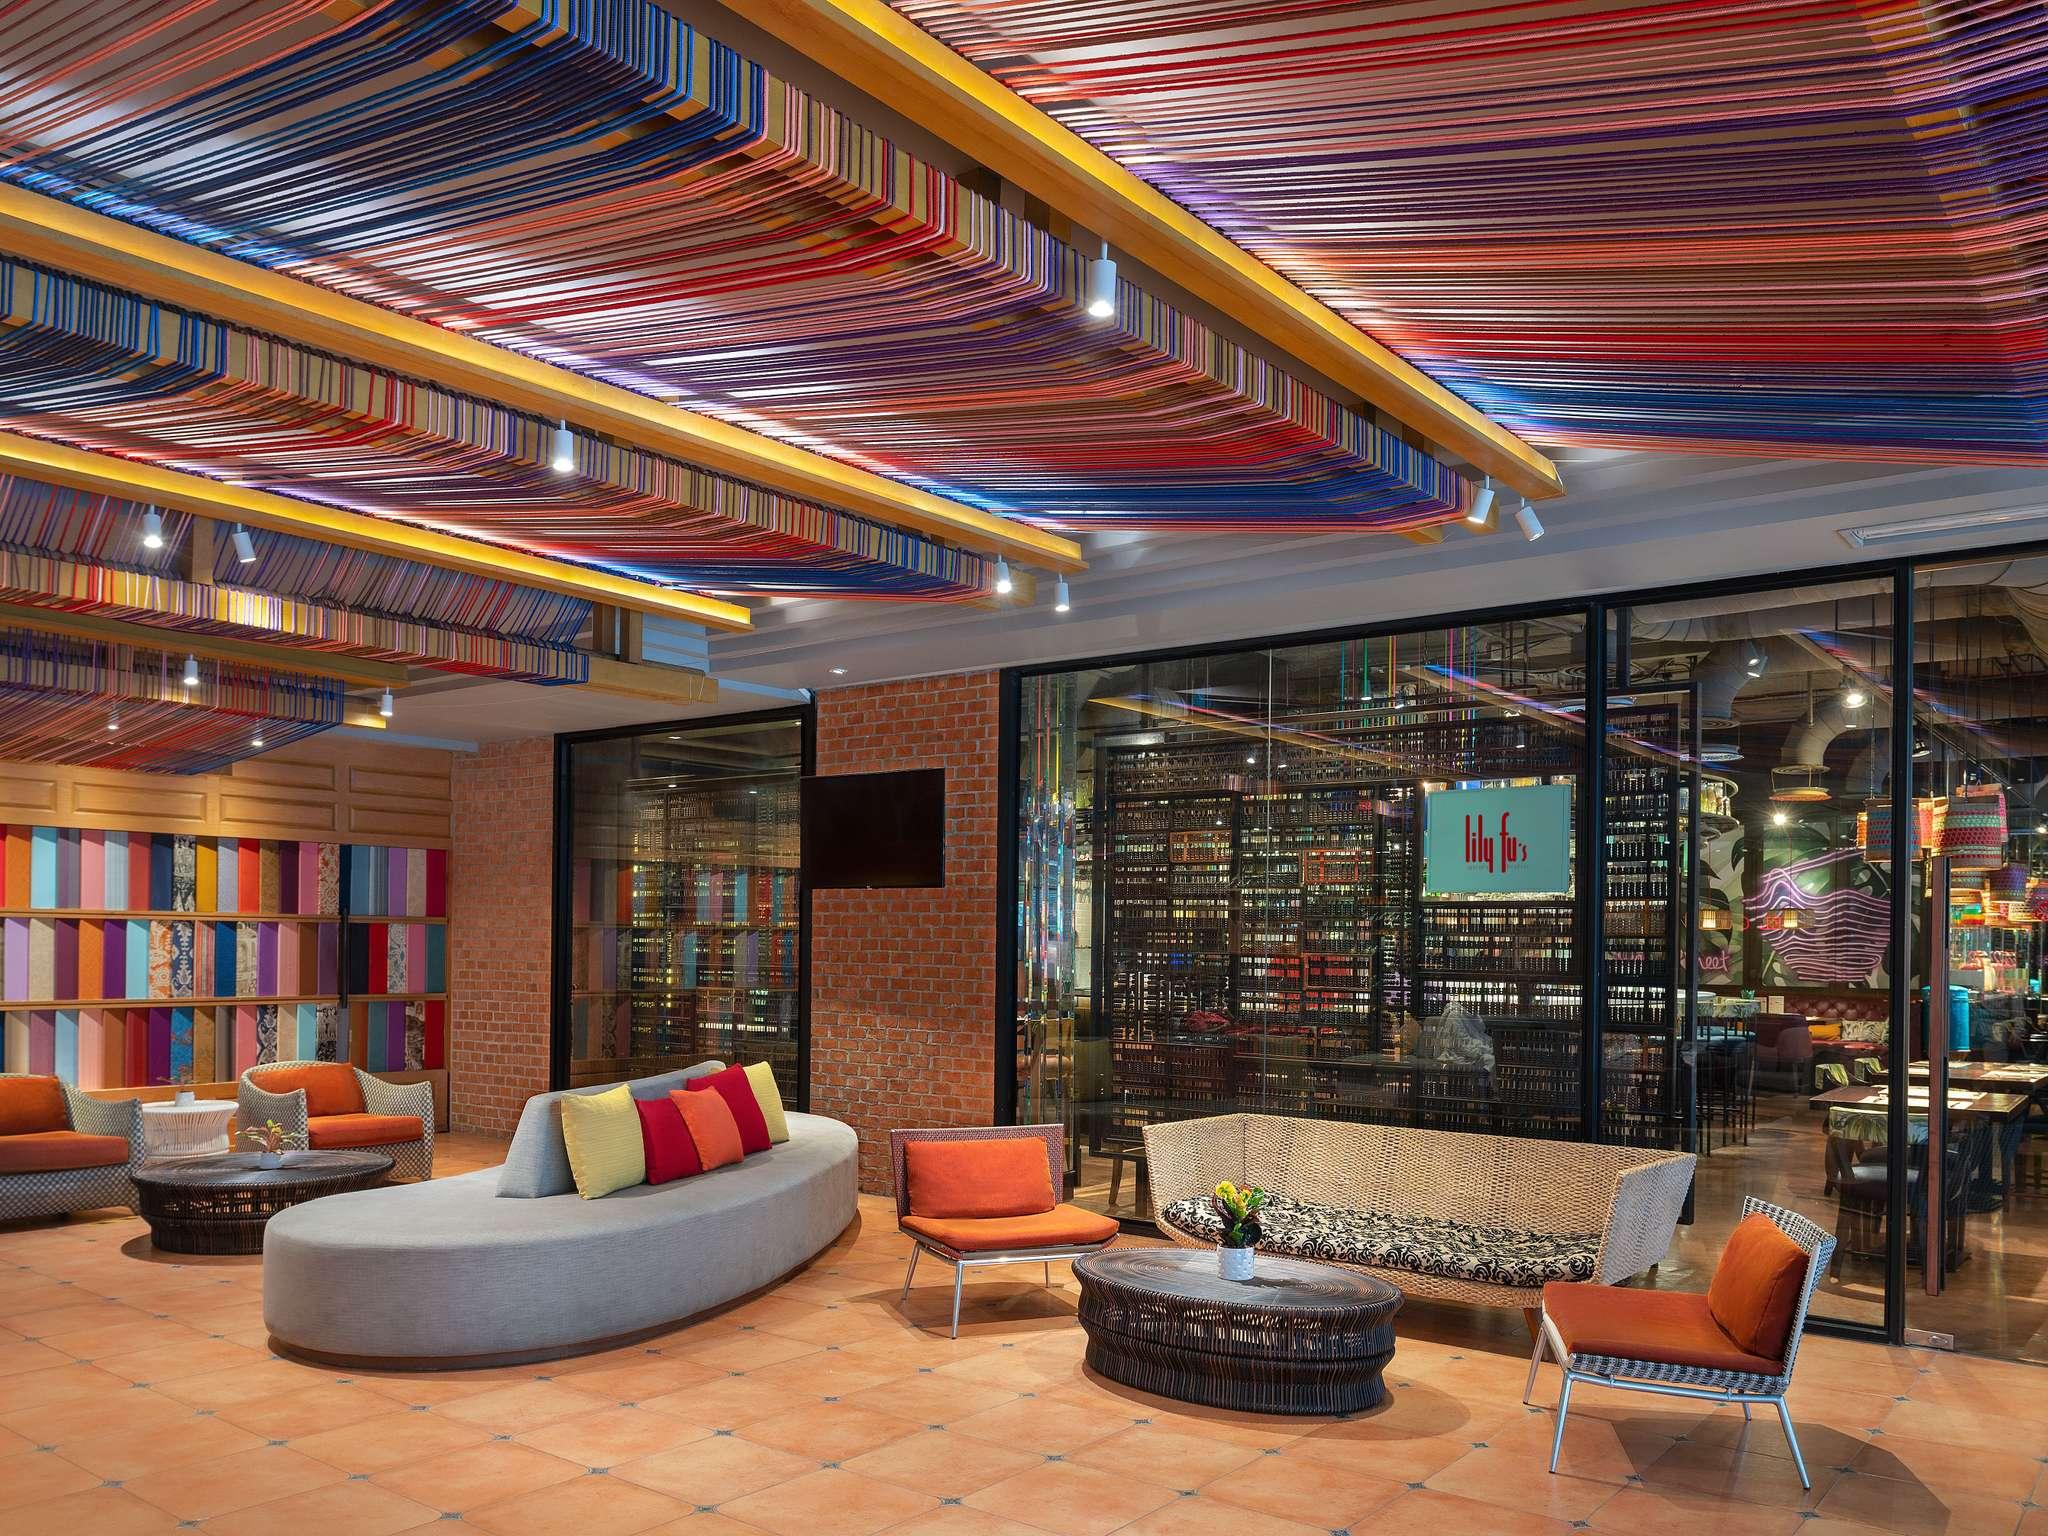 فندق - فندق مركيور Mercure بانكوك سوكومويت 11